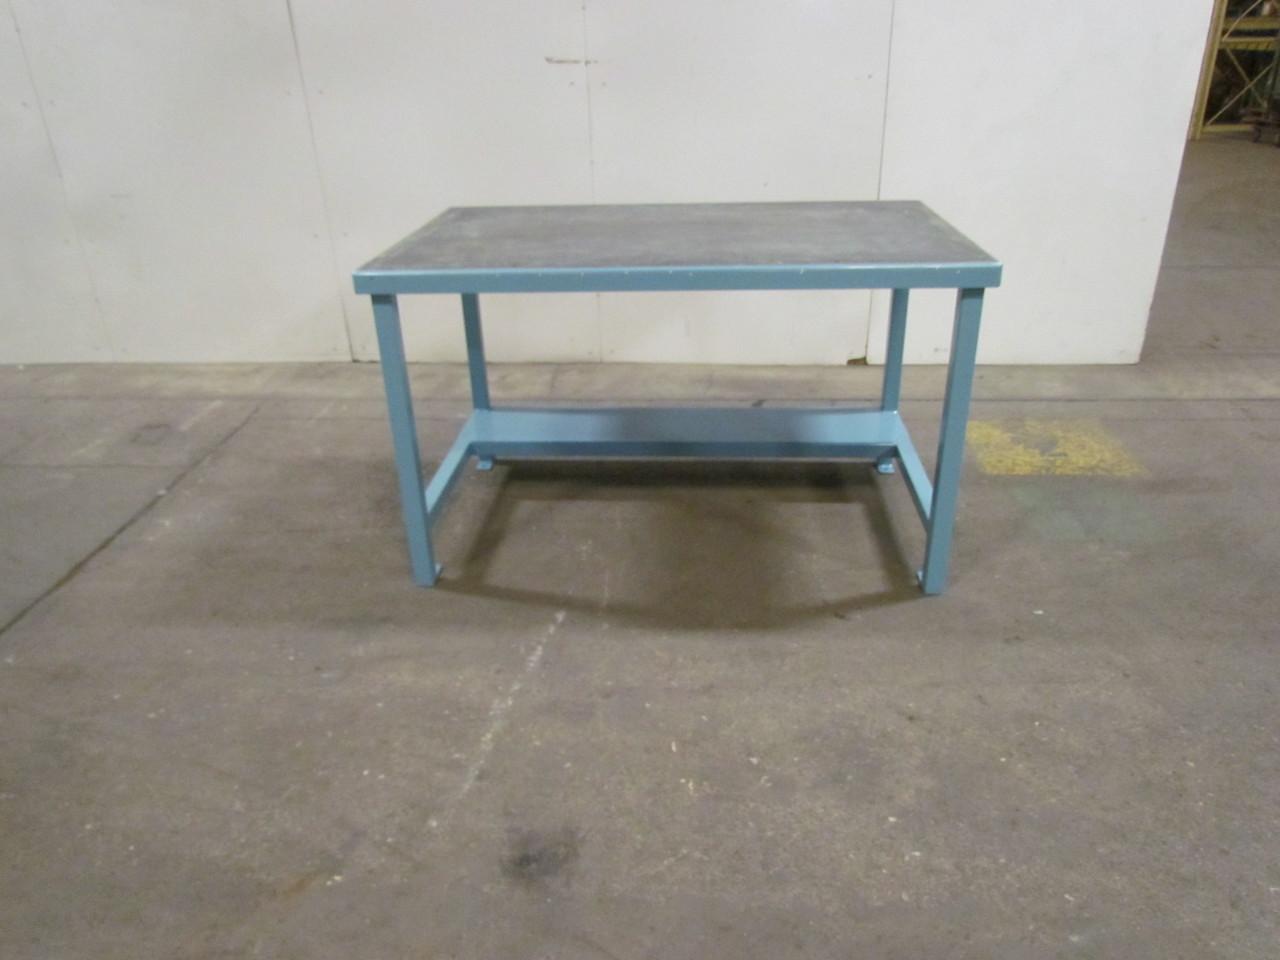 1 4 Formed Steel Work Bench 36 X60 X35 1 2 Tall W Shelf